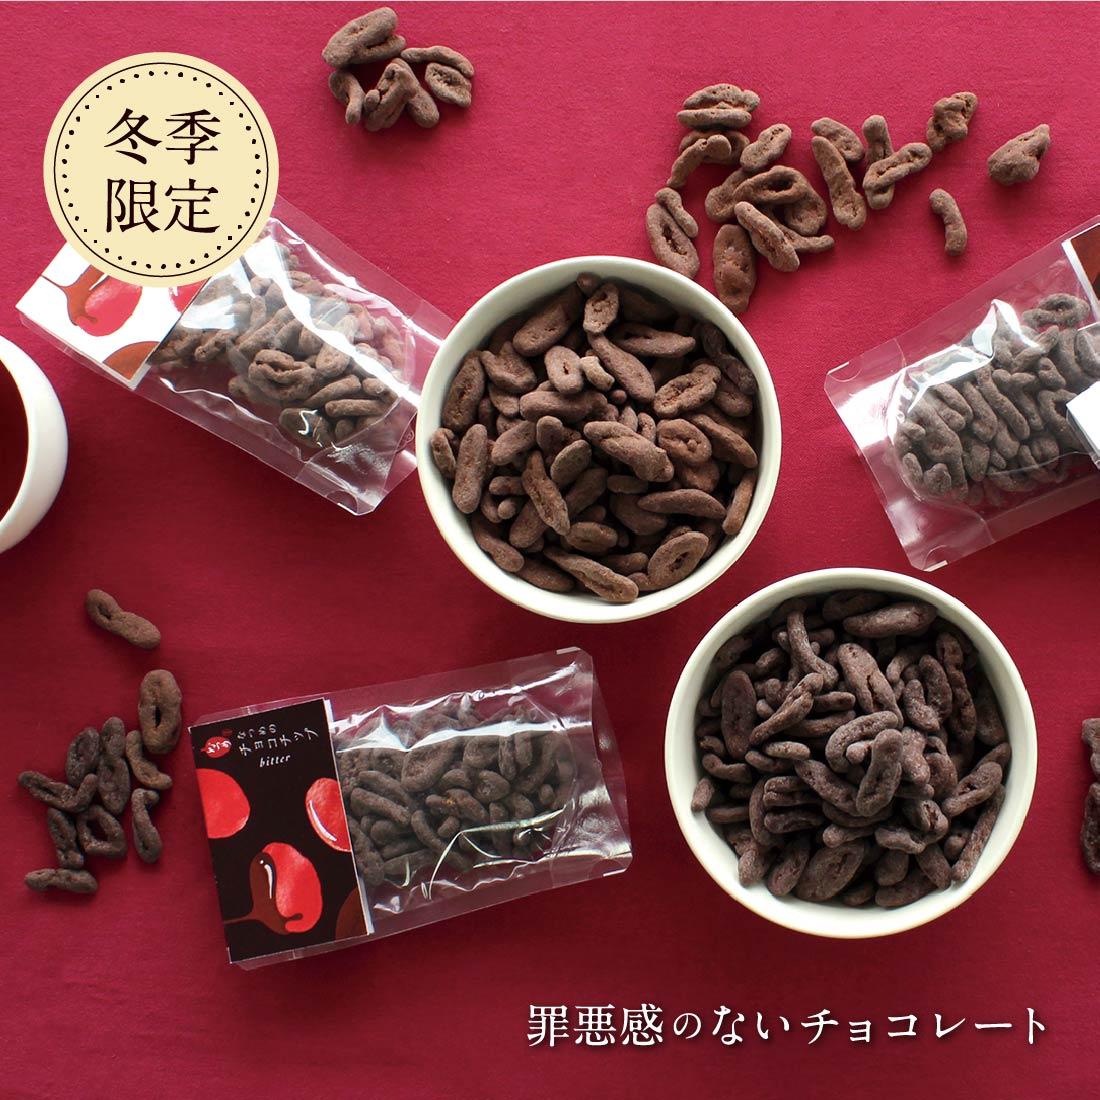 罪悪感のないチョコレート